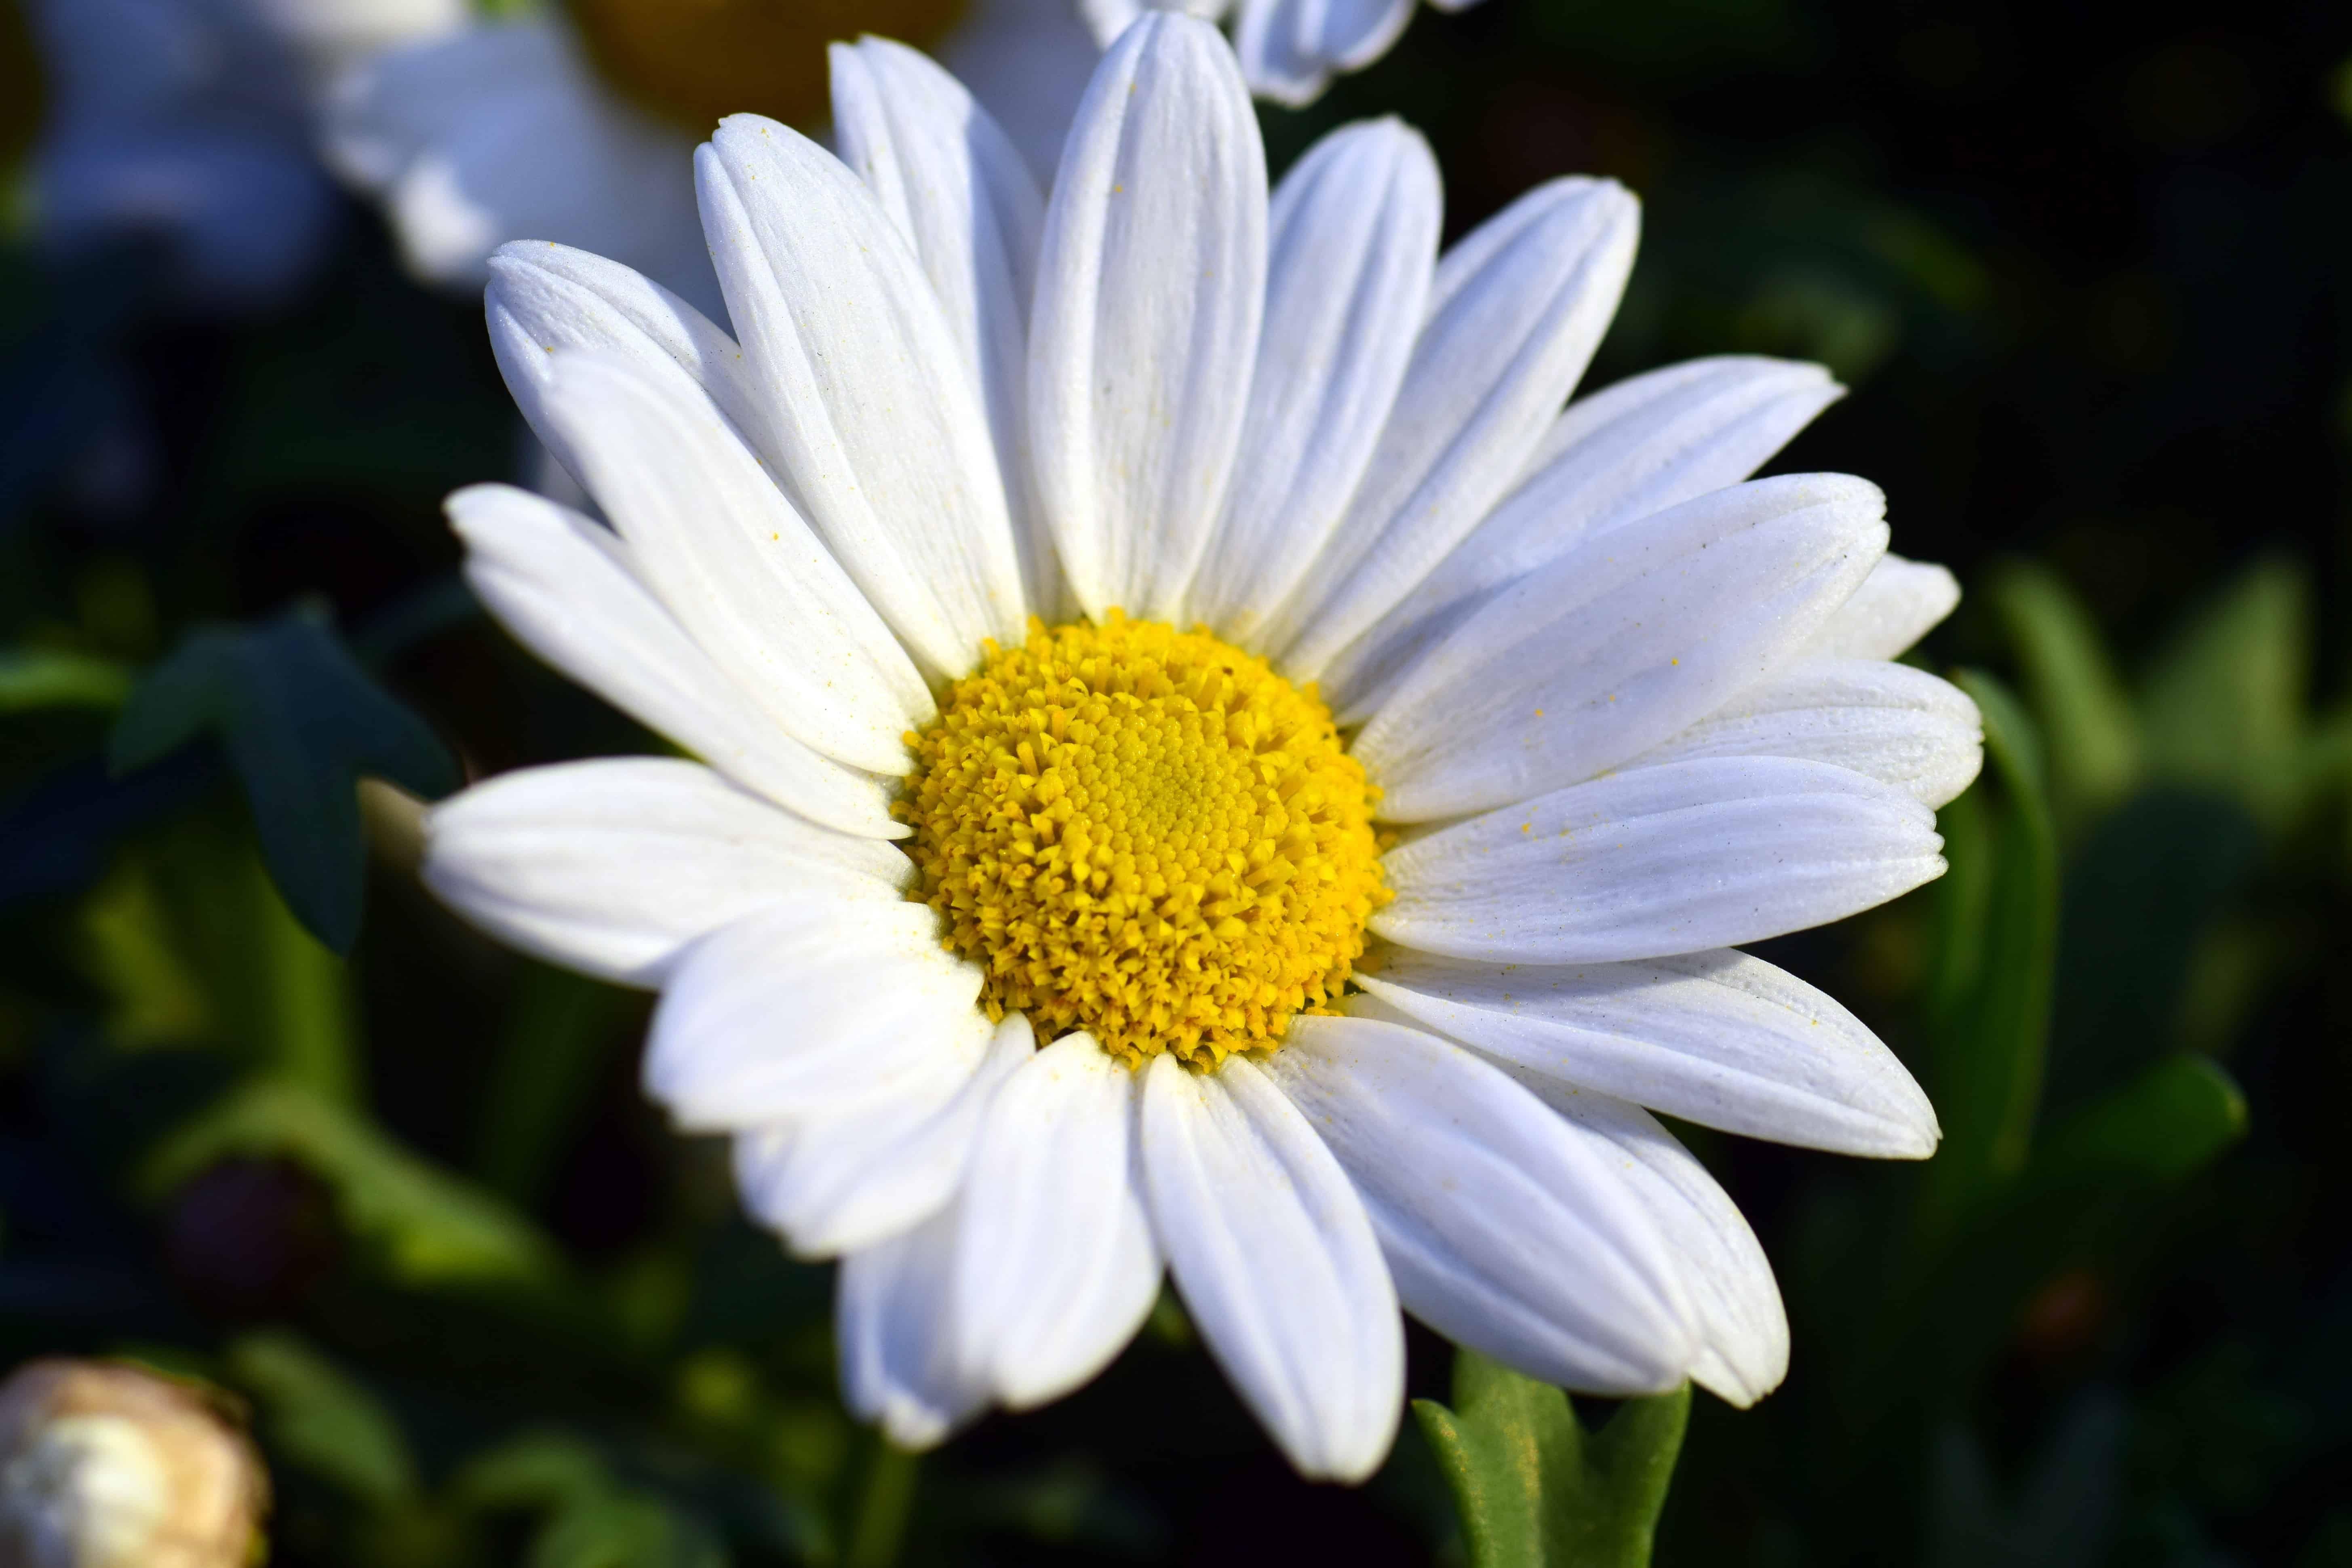 Free Picture Flora Pistil Summer Nature Leaf White Flower